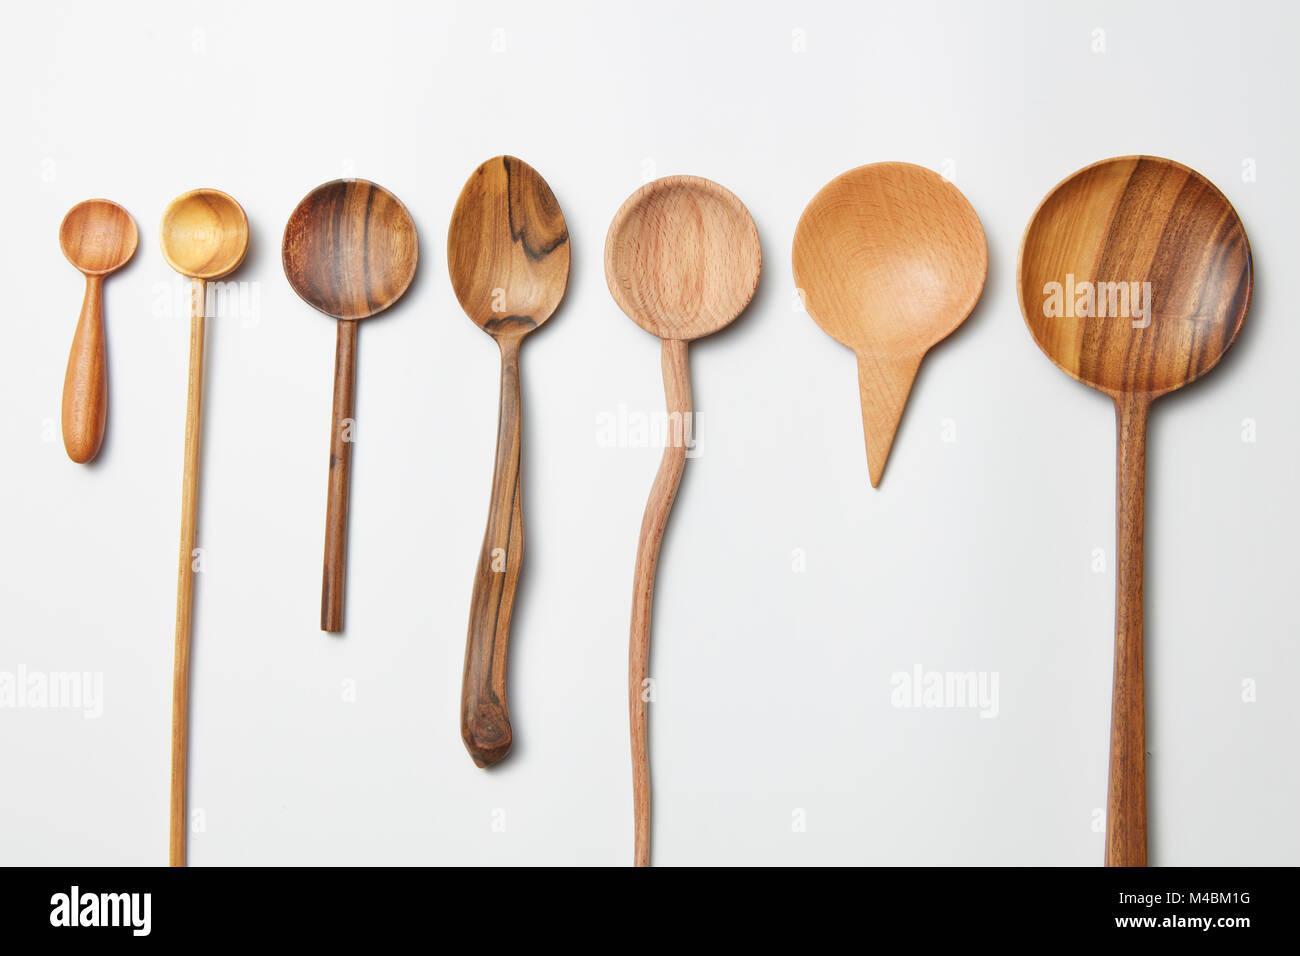 Kitchen Utensils Assorted Stock Photos & Kitchen Utensils Assorted ...